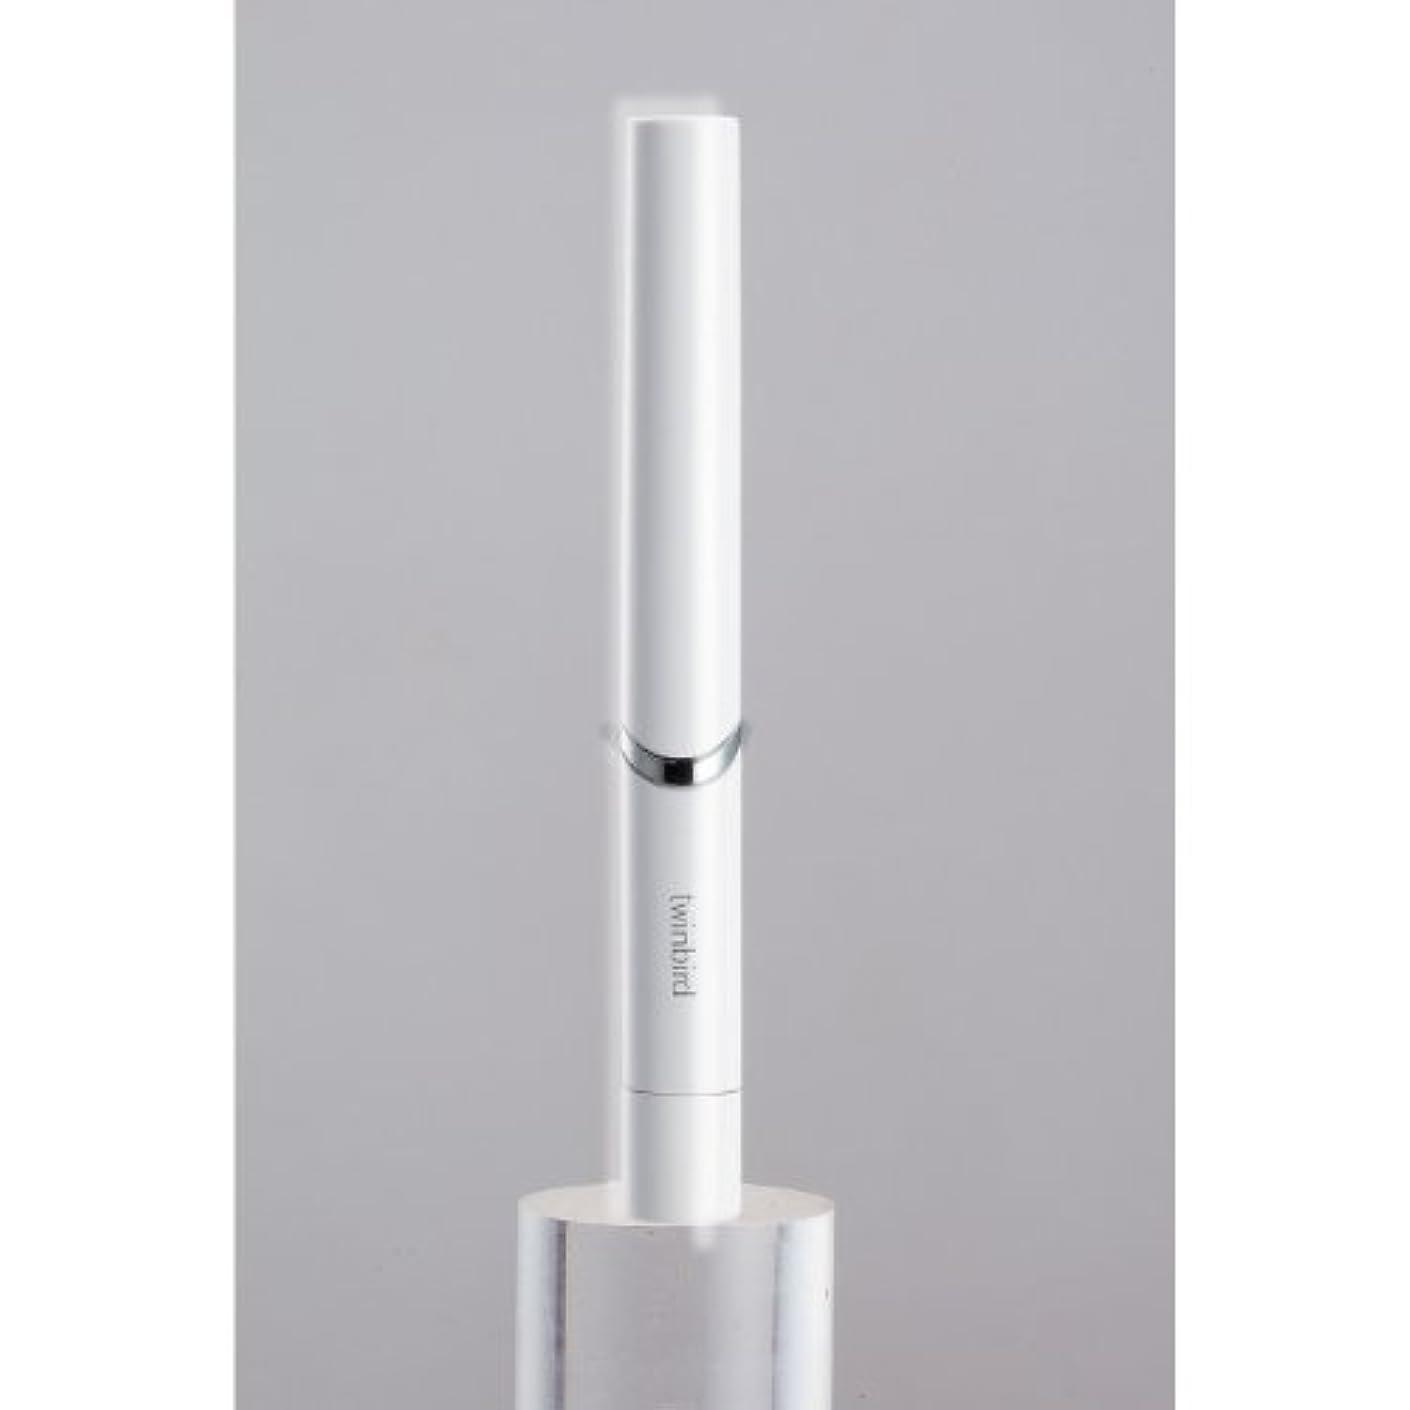 何聴覚オートツインバード 音波振動式歯ブラシ BD-2741 ホワイト?BD-2741W